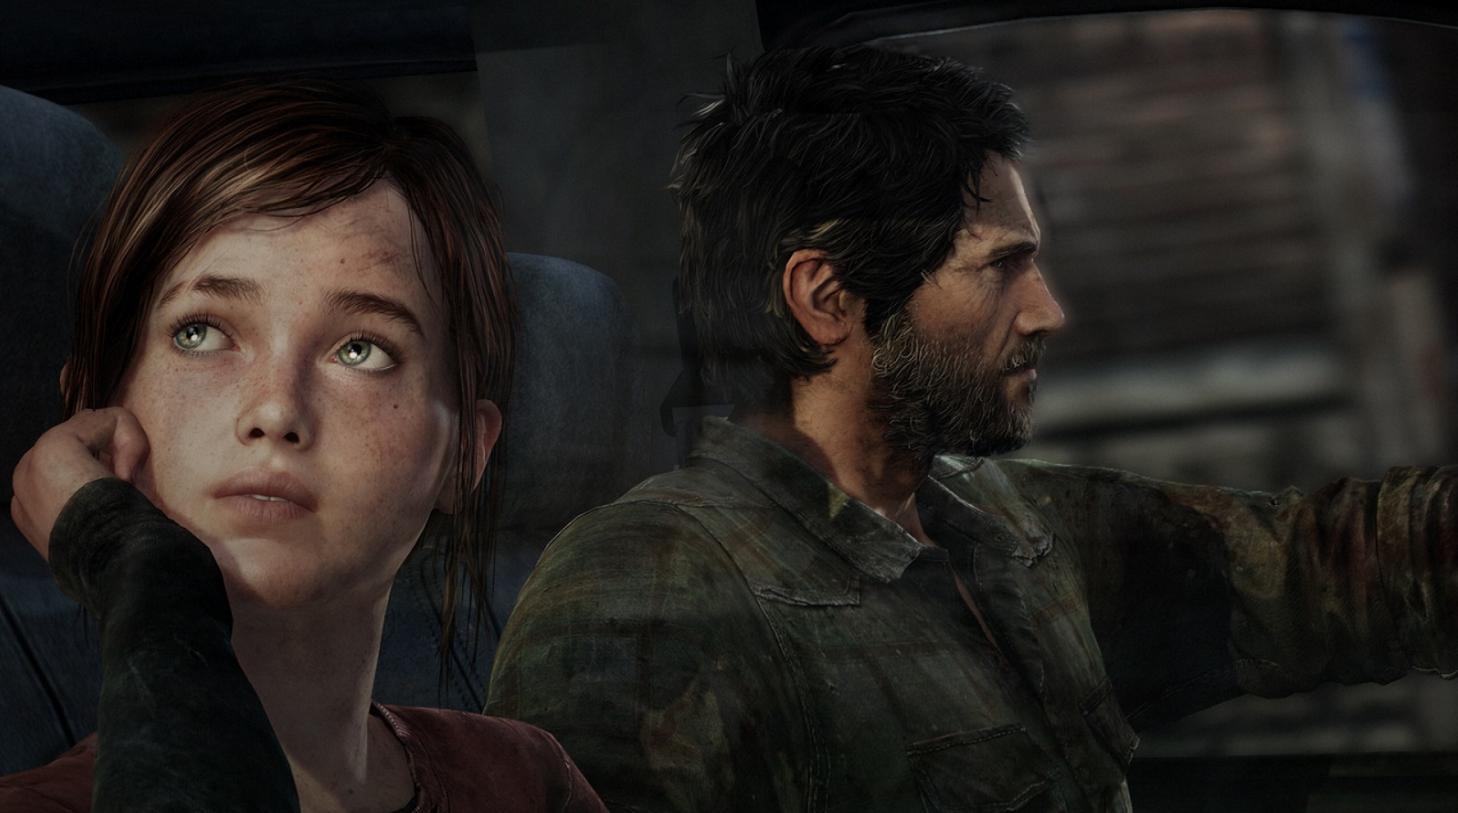 Сценарист уходит в бункер: сериал The Last of Us от HBO переосмыслит и расширит сюжет игры